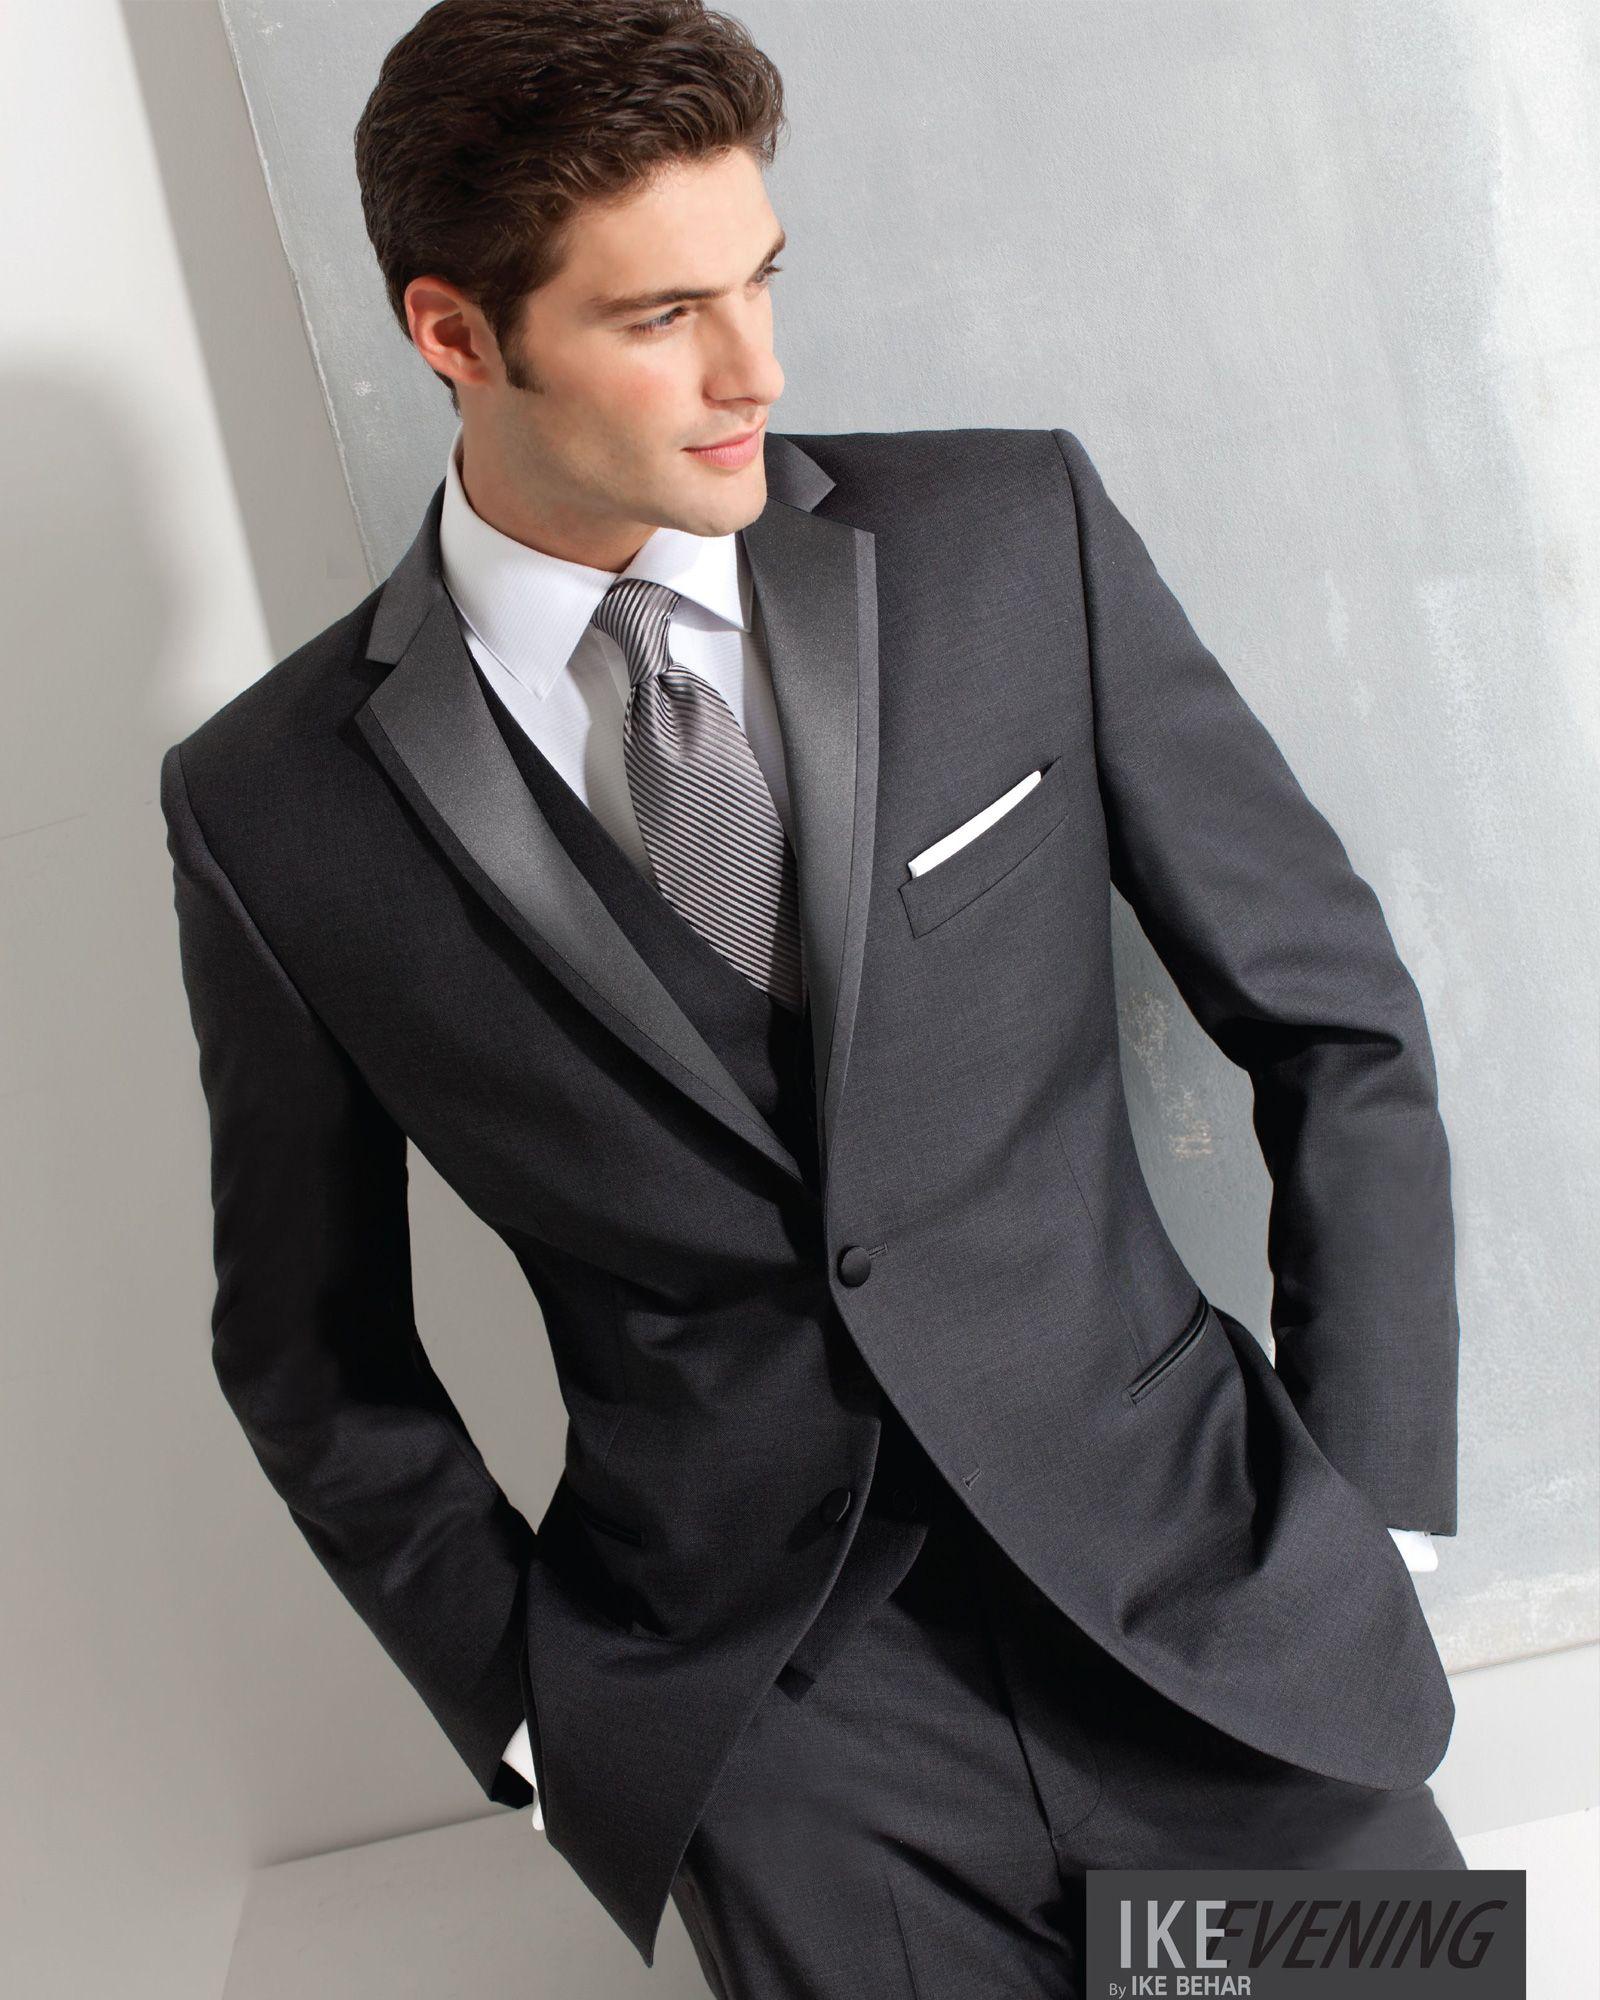 Tuxedo.ca - IKE BEHAR AIDEN IRON GREY TUXEDO | Wedding | Pinterest ...